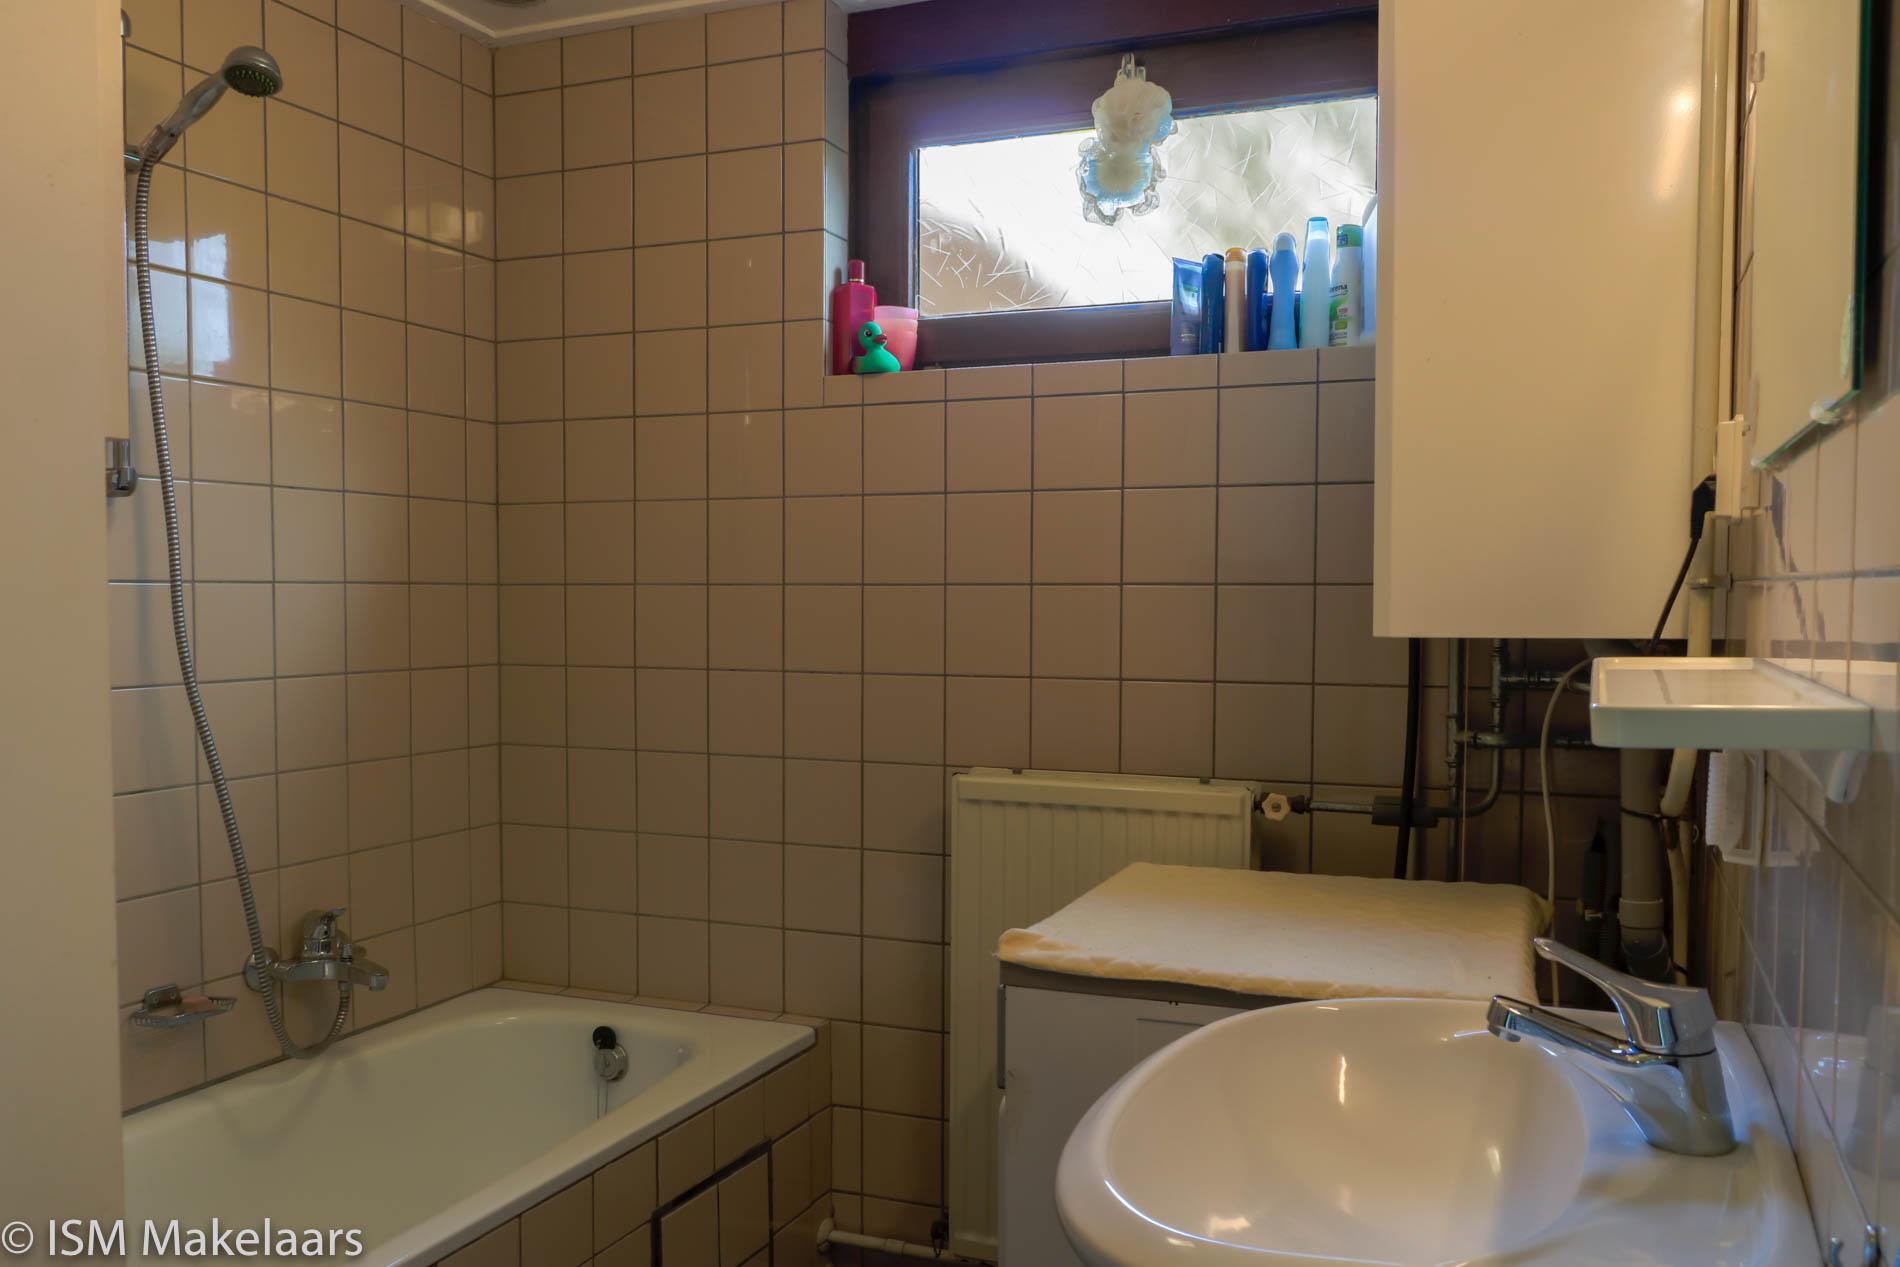 badkamer muidenweg 69 wolphaartsdijk ISM Makelaars